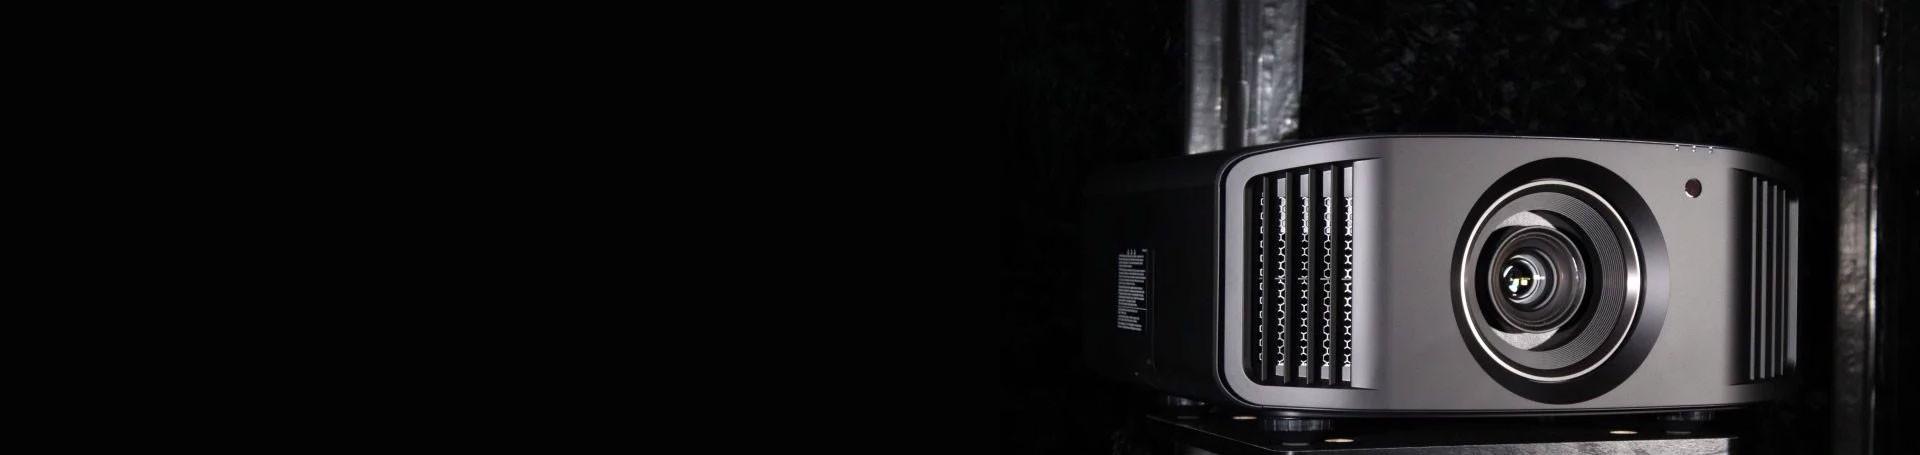 Projecteurs vidéo